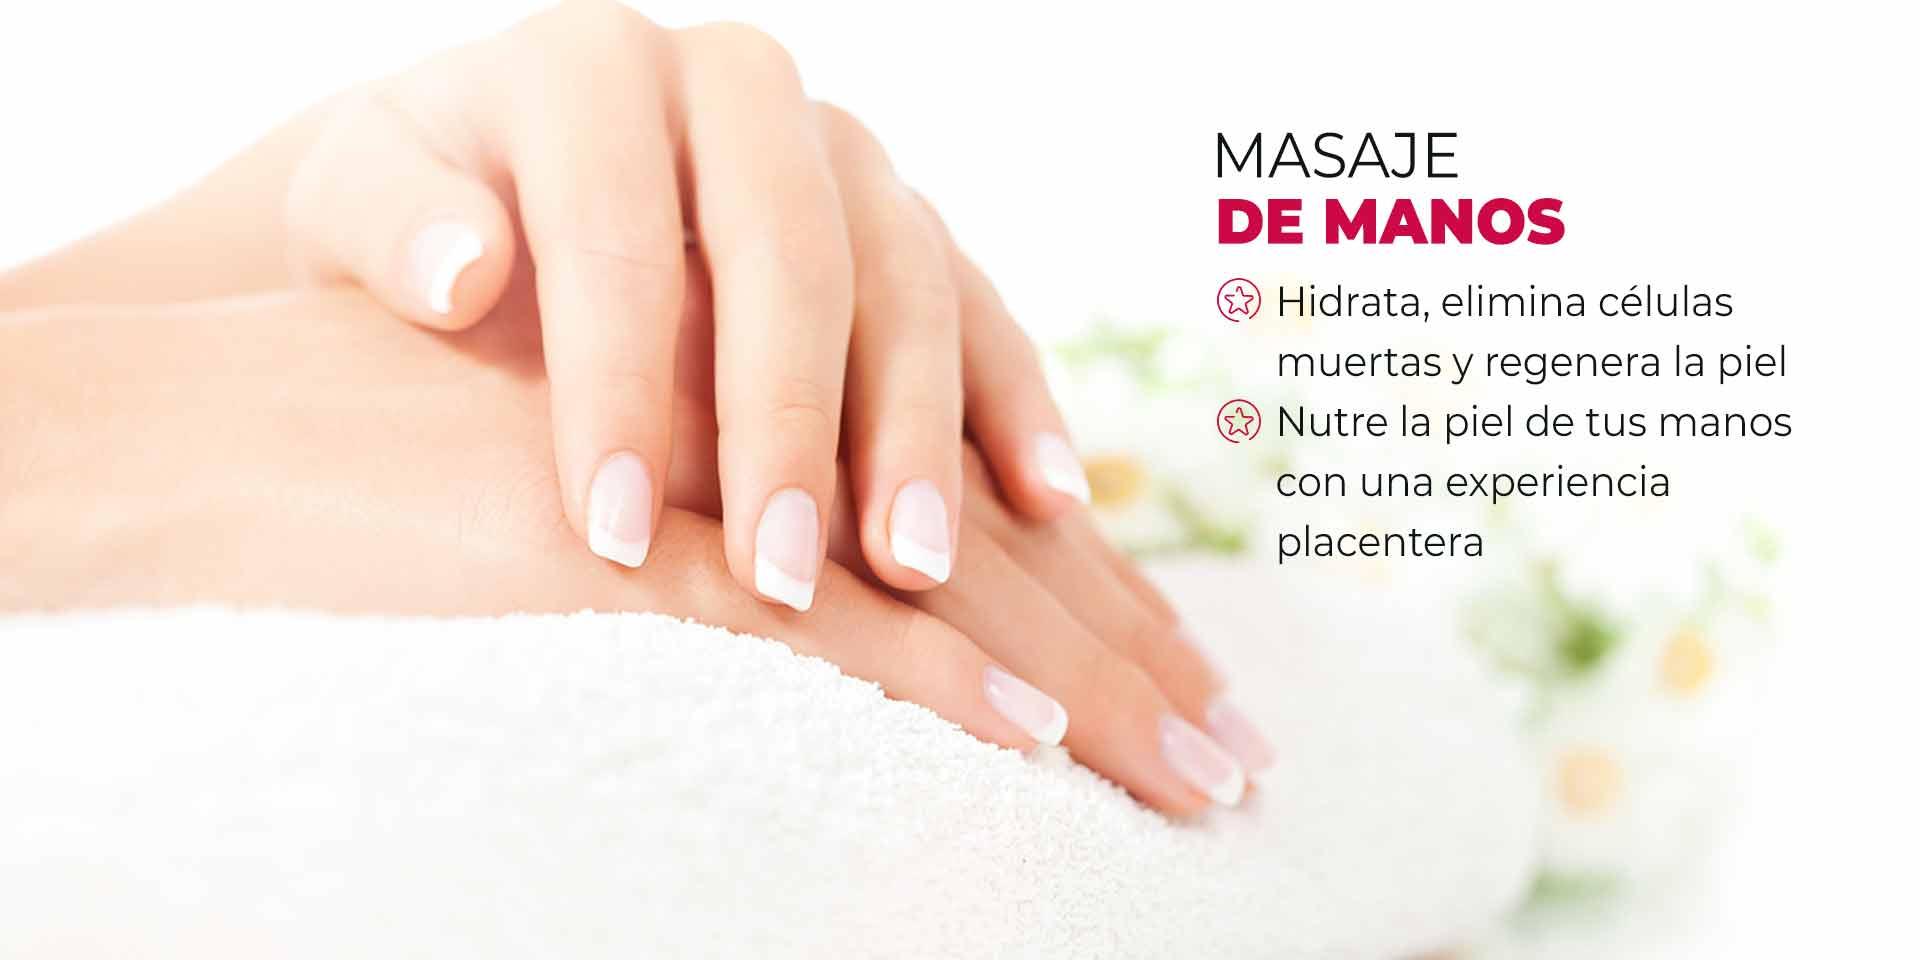 masaje de manos en CDMX